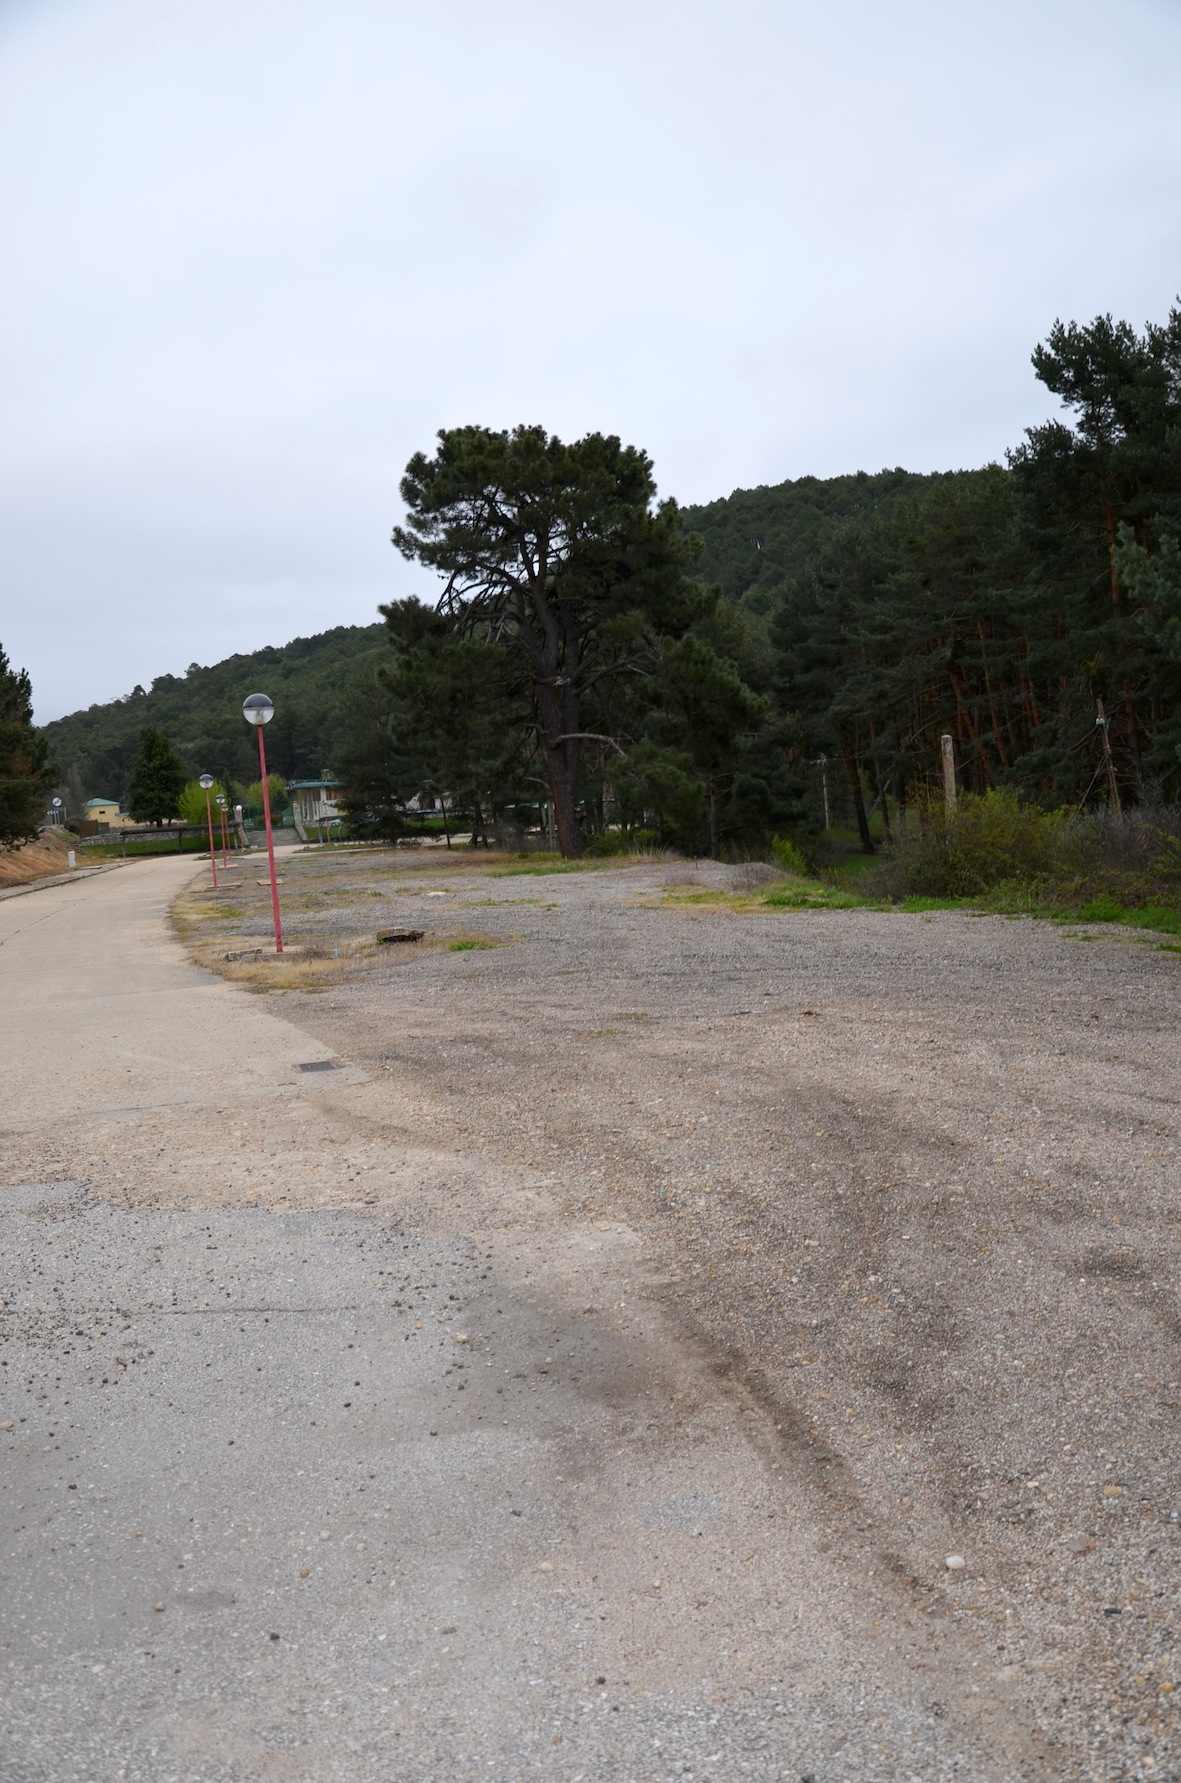 Lugar donde se quiere instalar el área de autocaravanas.